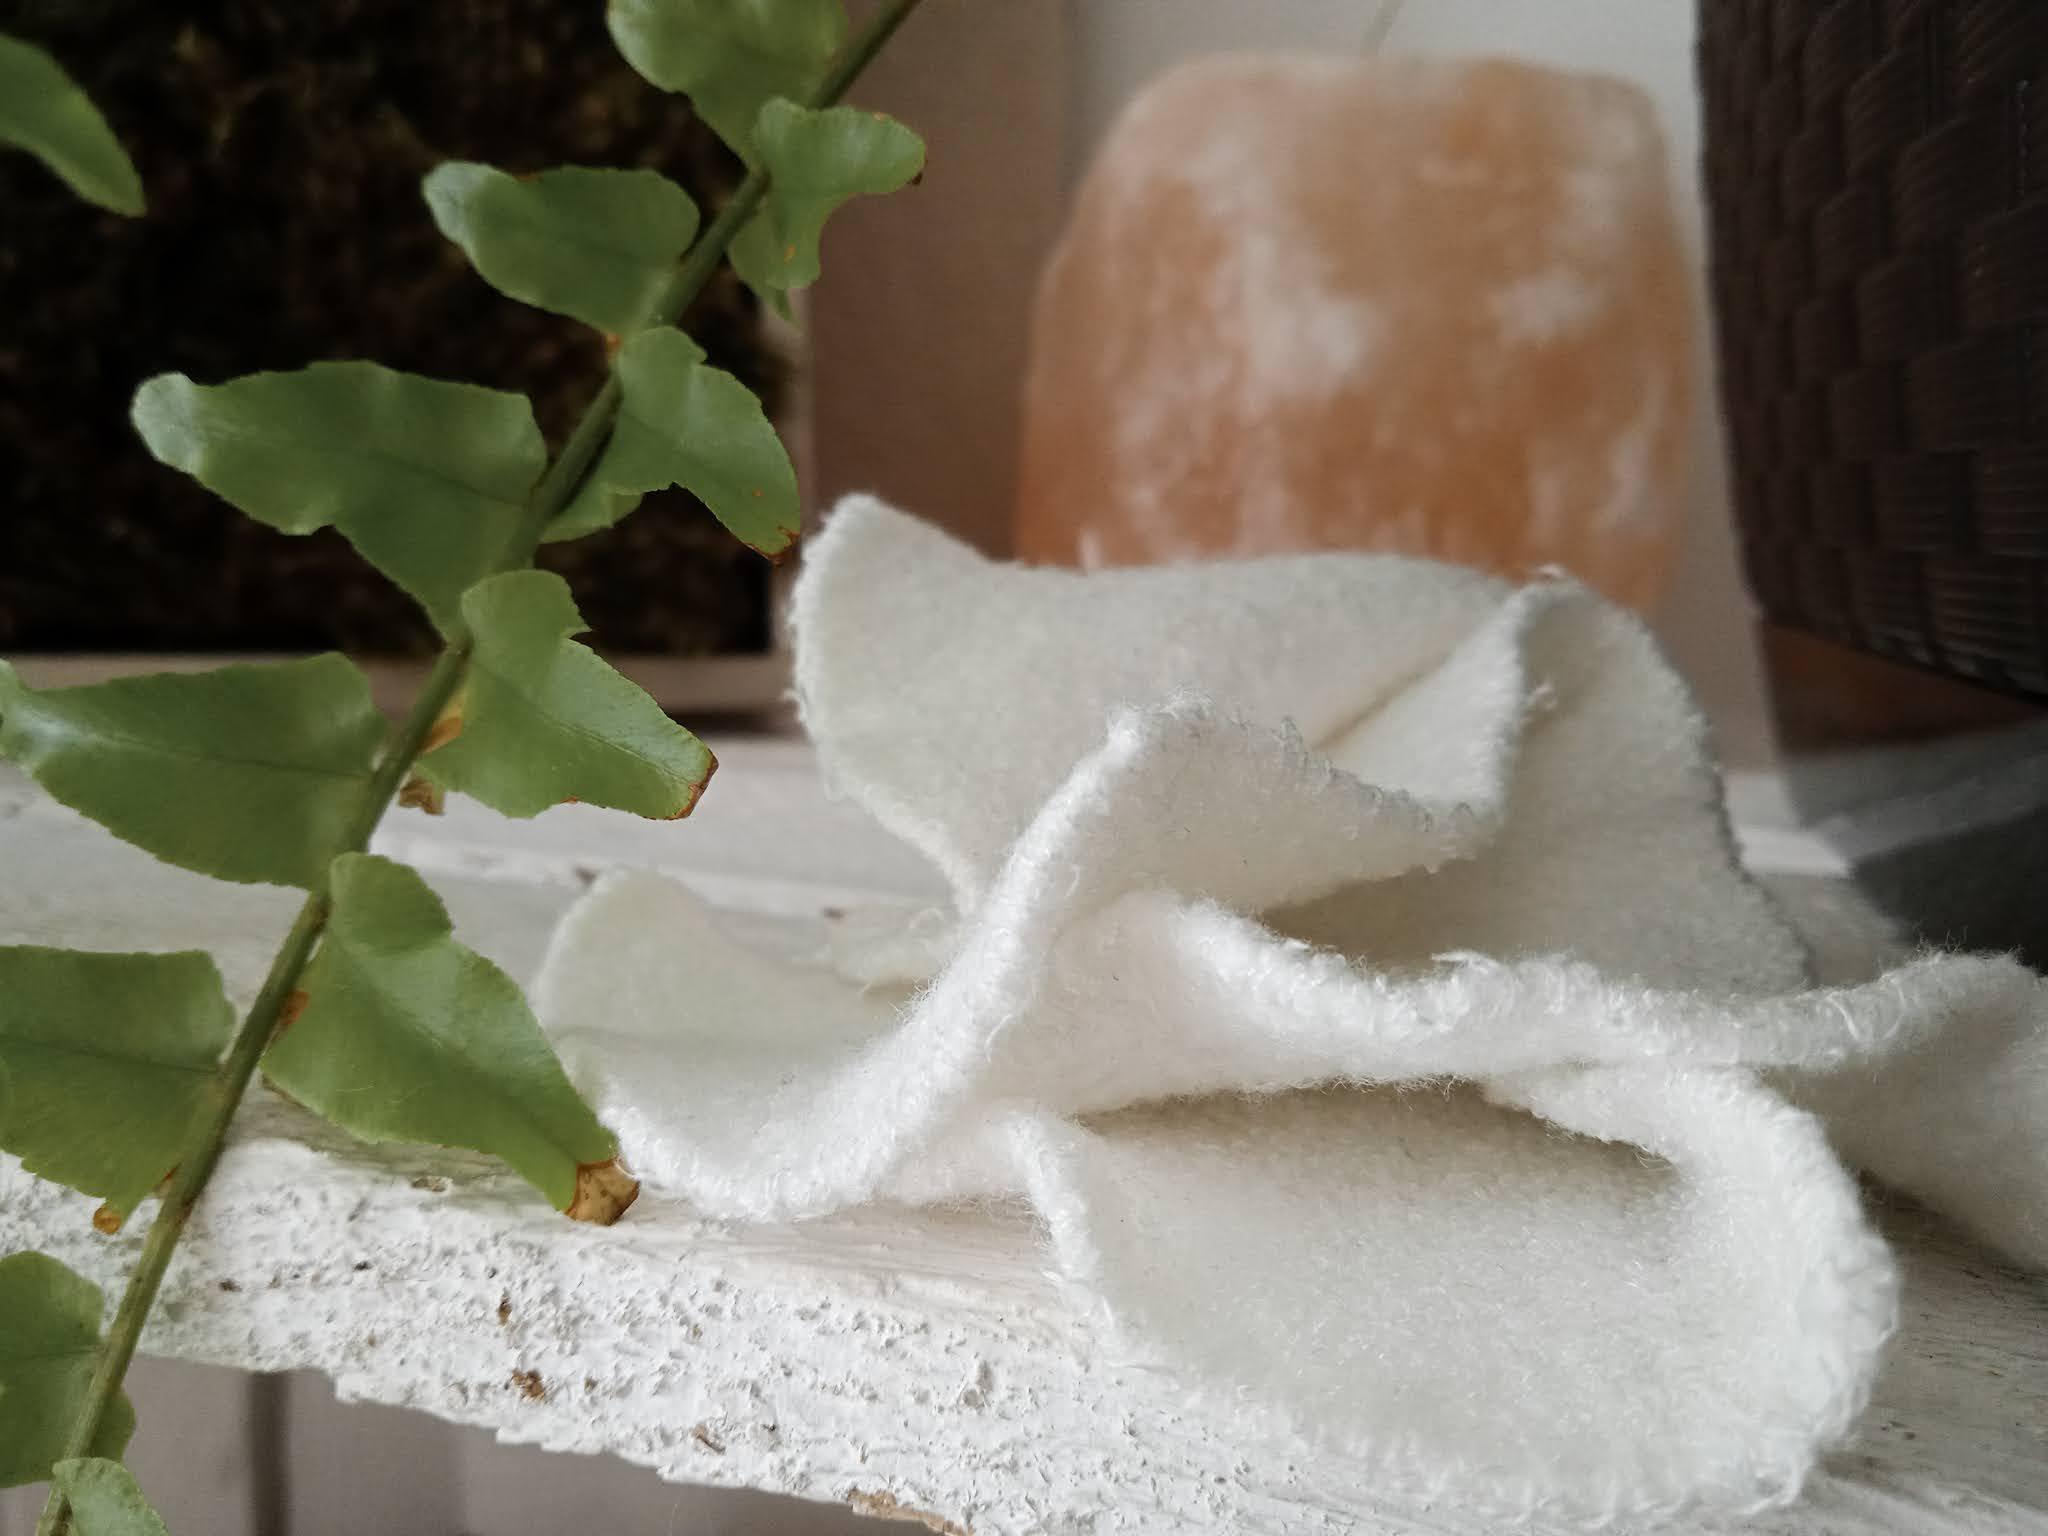 wielorazowe wkładki higieniczne wielorazówka